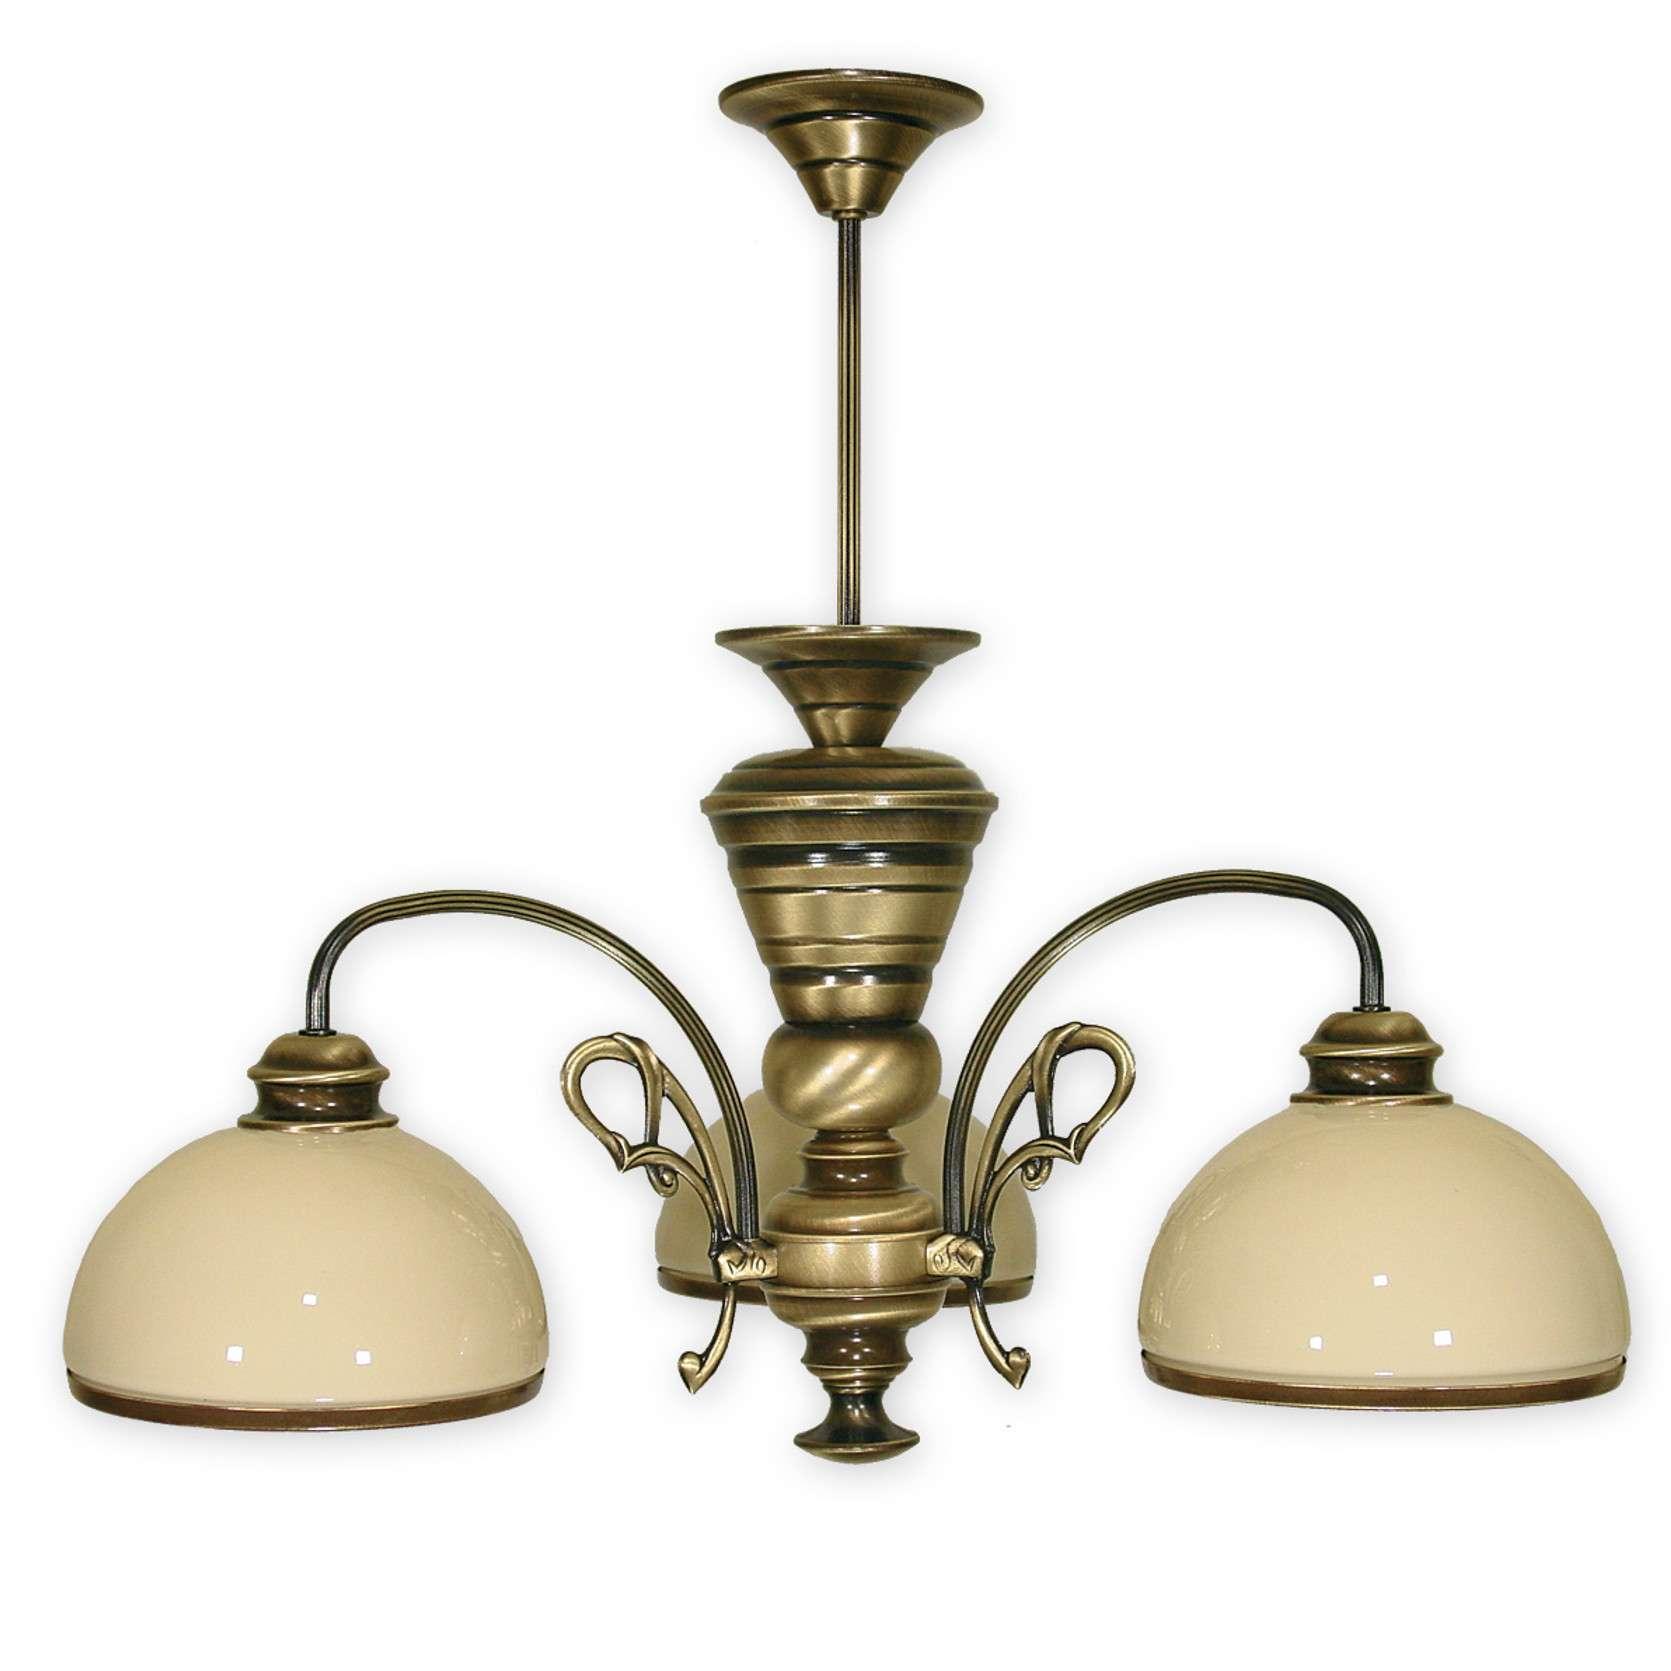 stehlampe stehleuchte bodenlampe klassisch massiv stahl. Black Bedroom Furniture Sets. Home Design Ideas